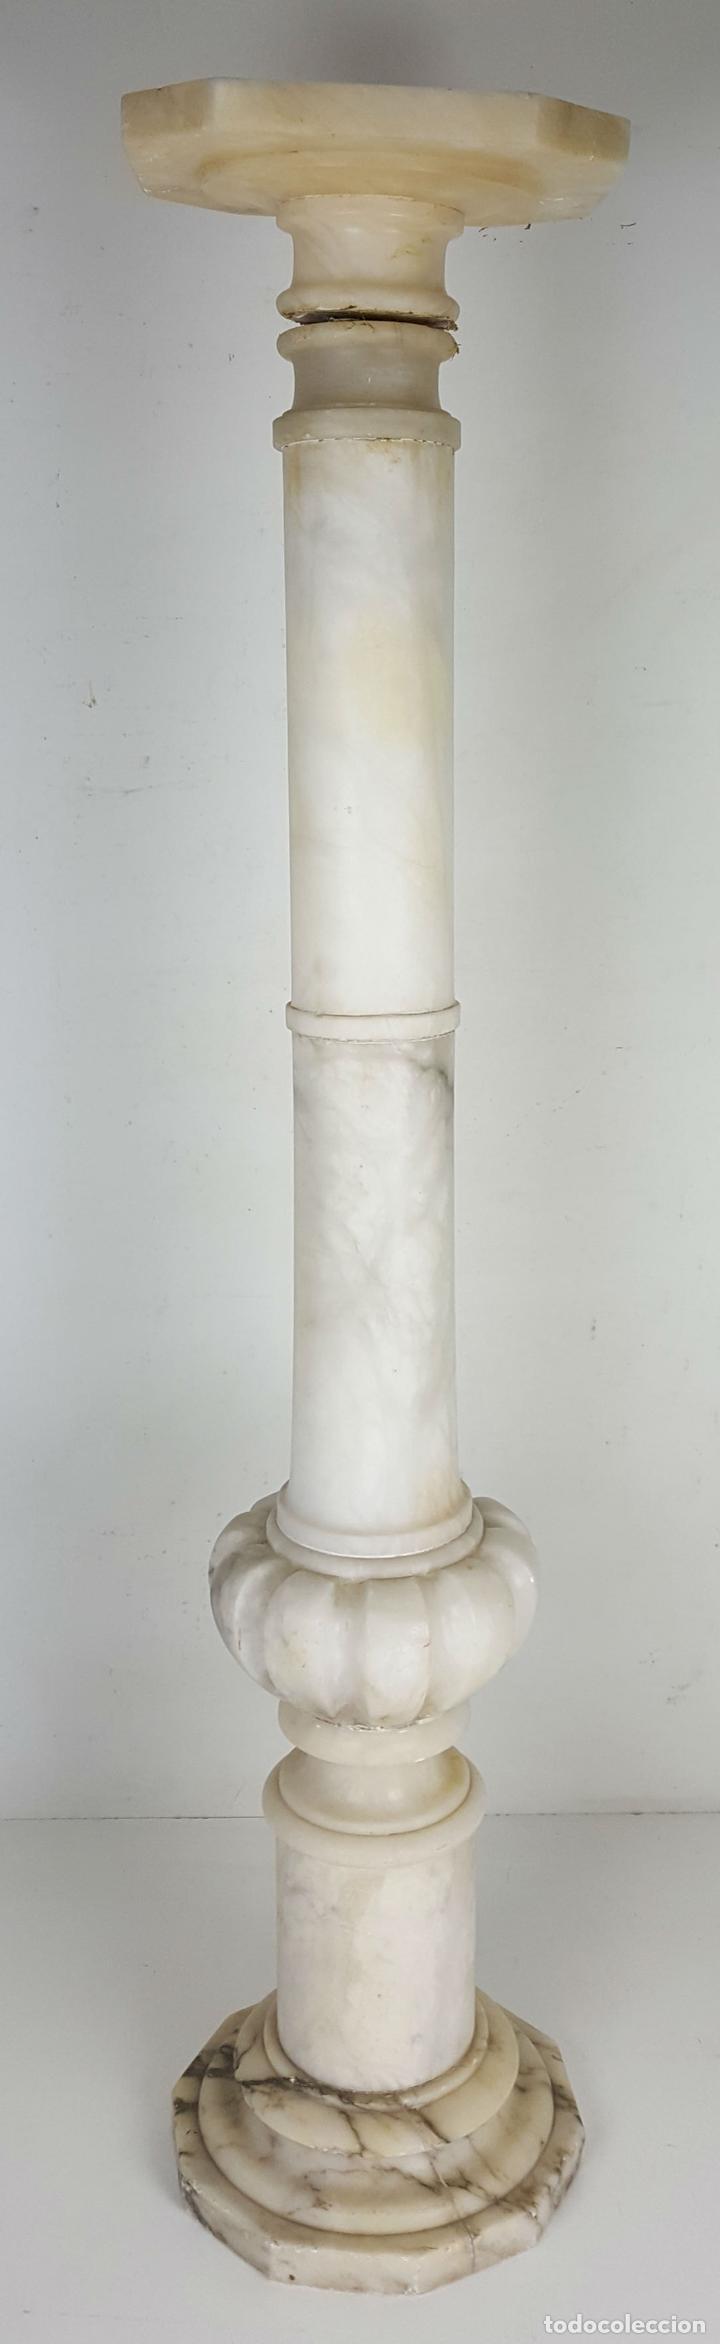 PEANA DE COLUMNA EN ALABASTRO TALLADO. SIGLO XX. (Arte - Escultura - Piedra)